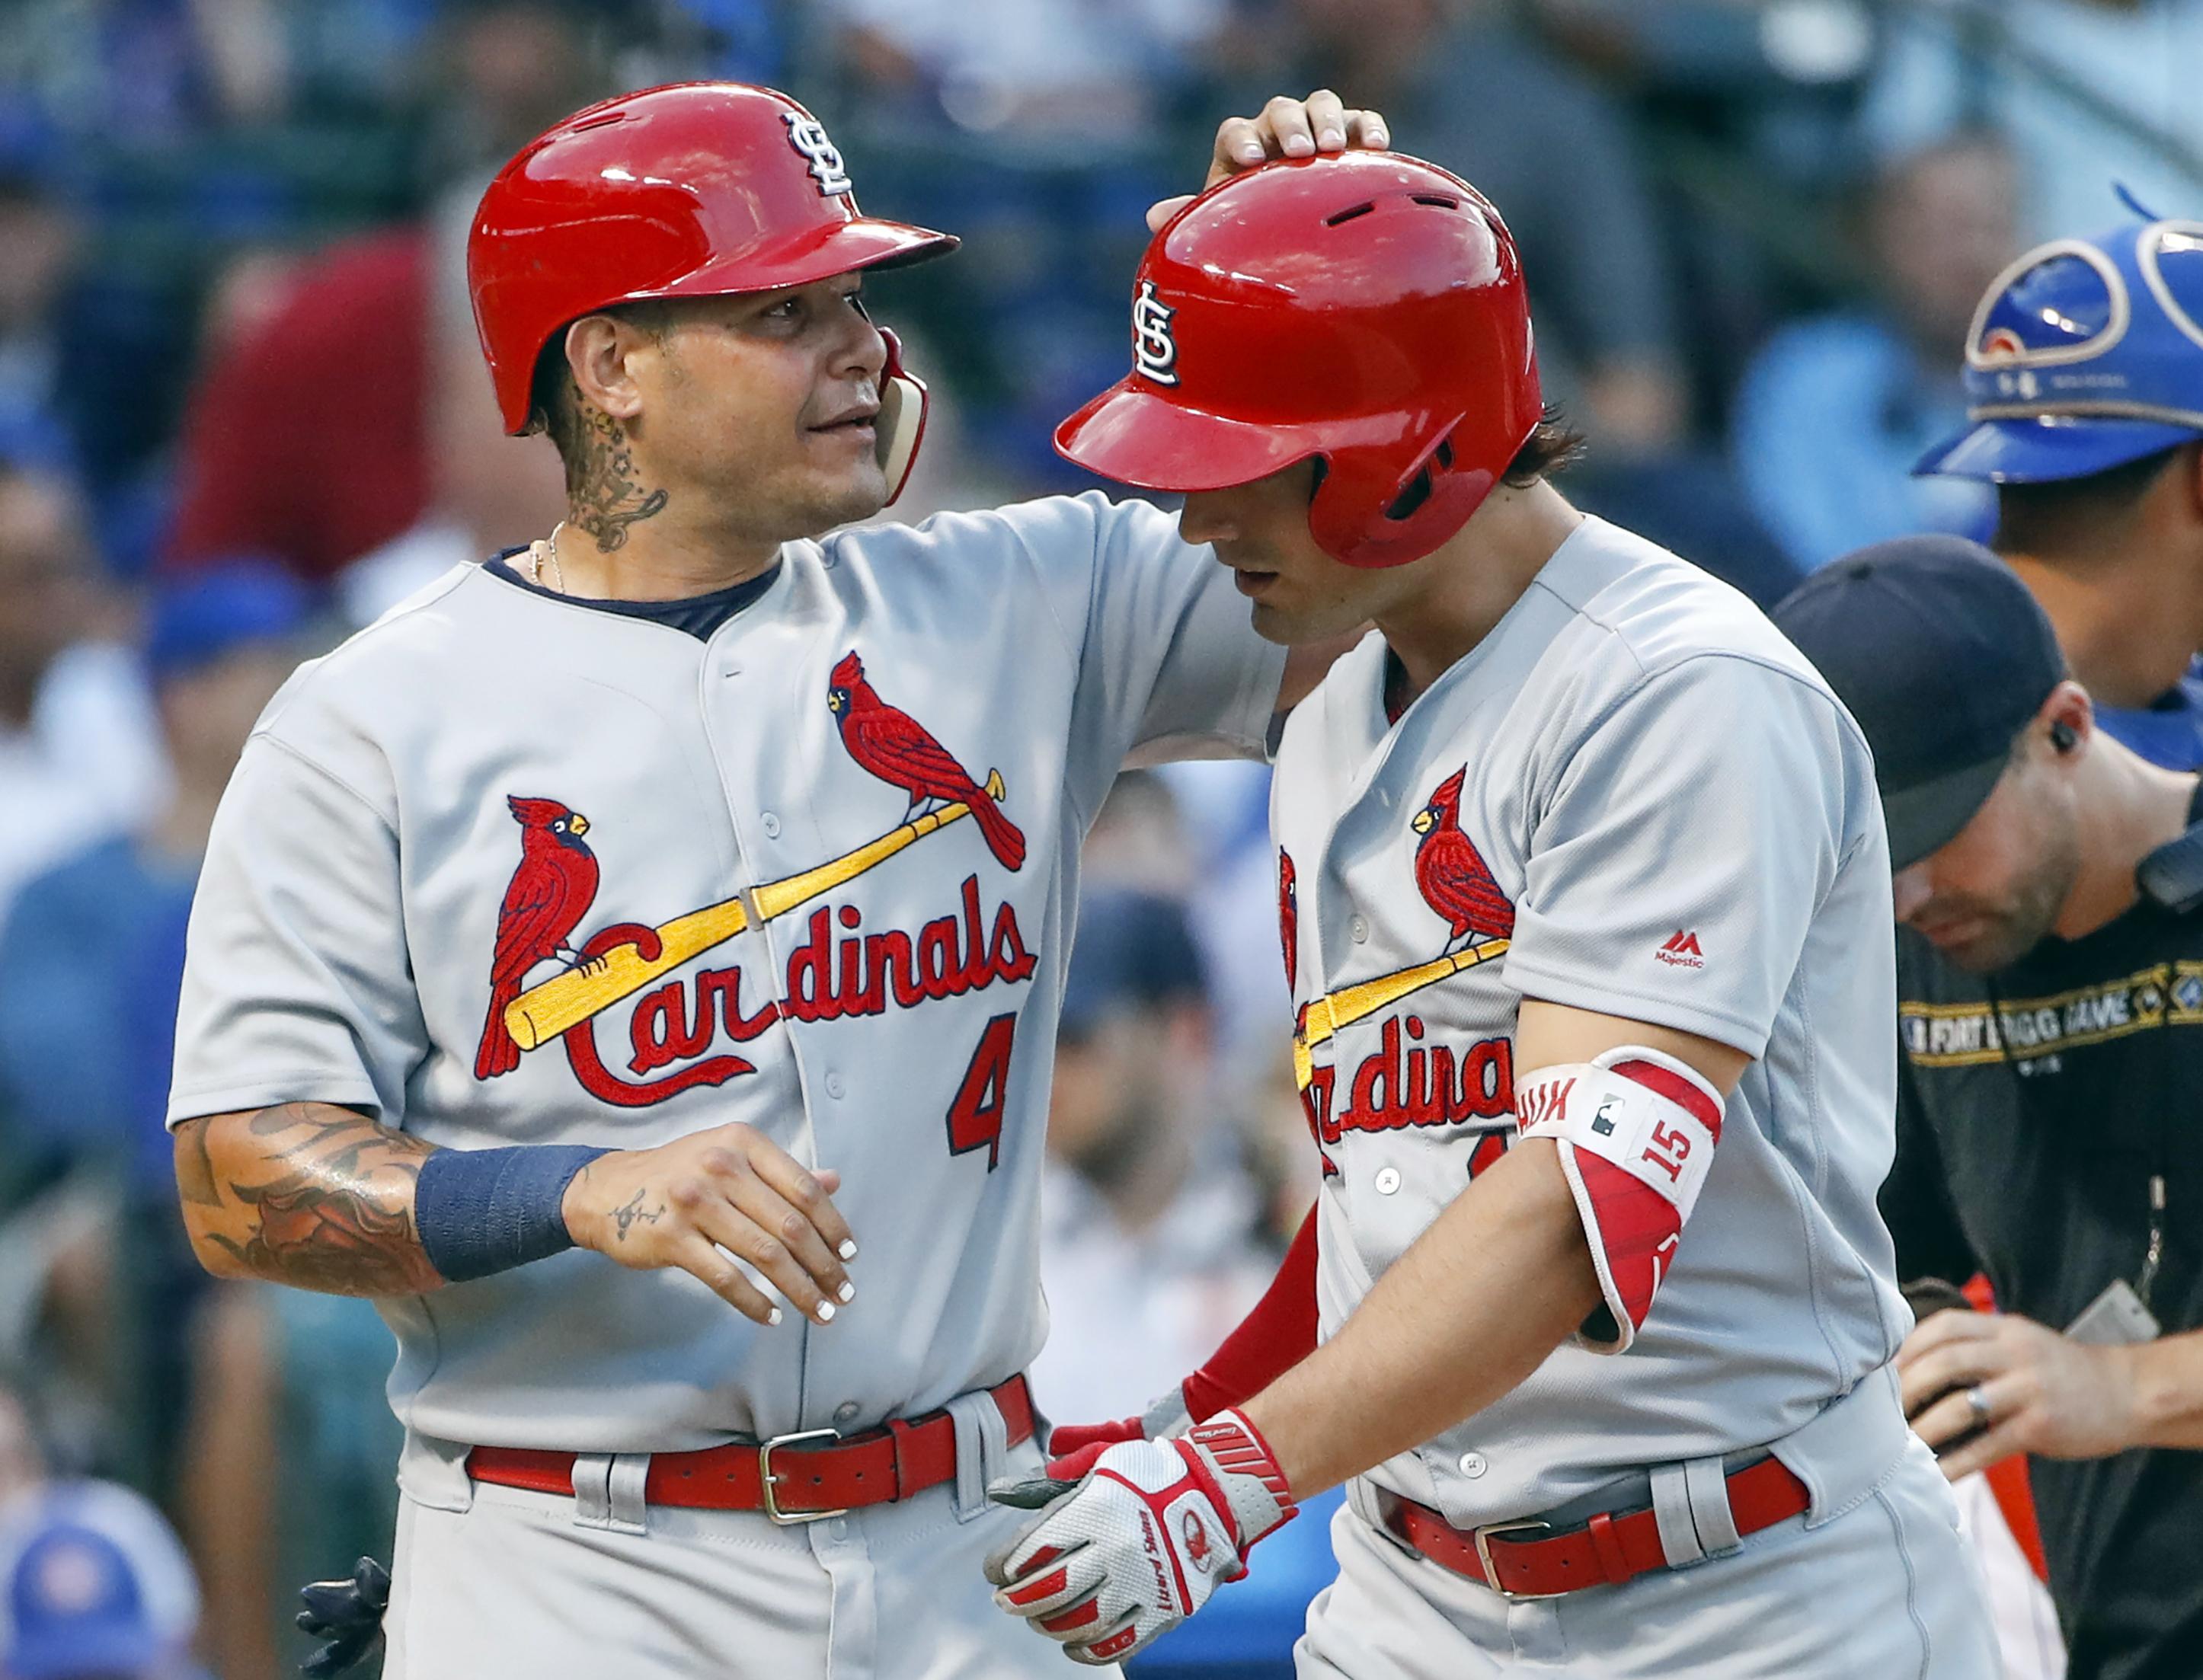 Cardinals_cubs_baseball_72540